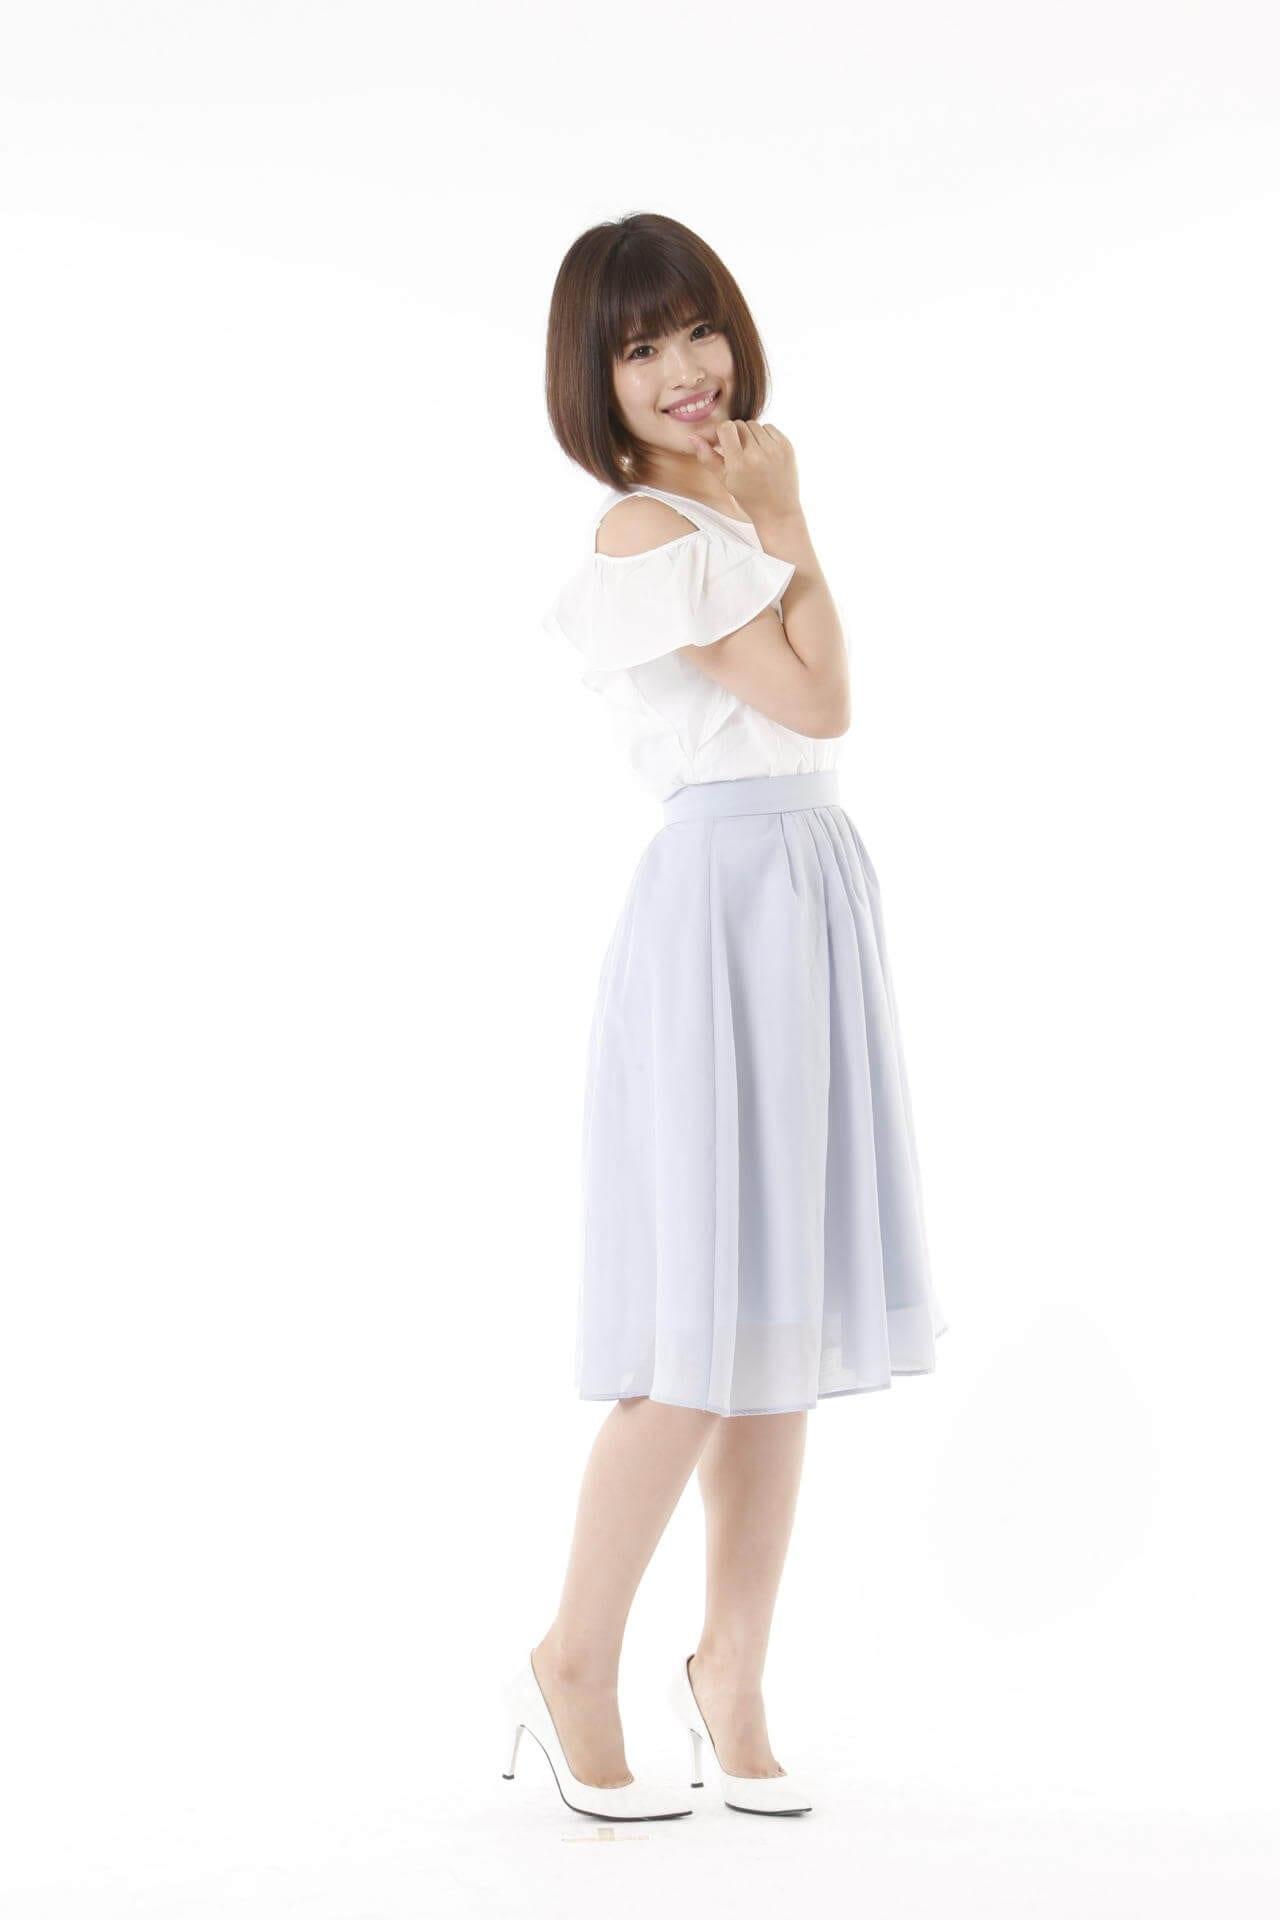 志摩 麗子